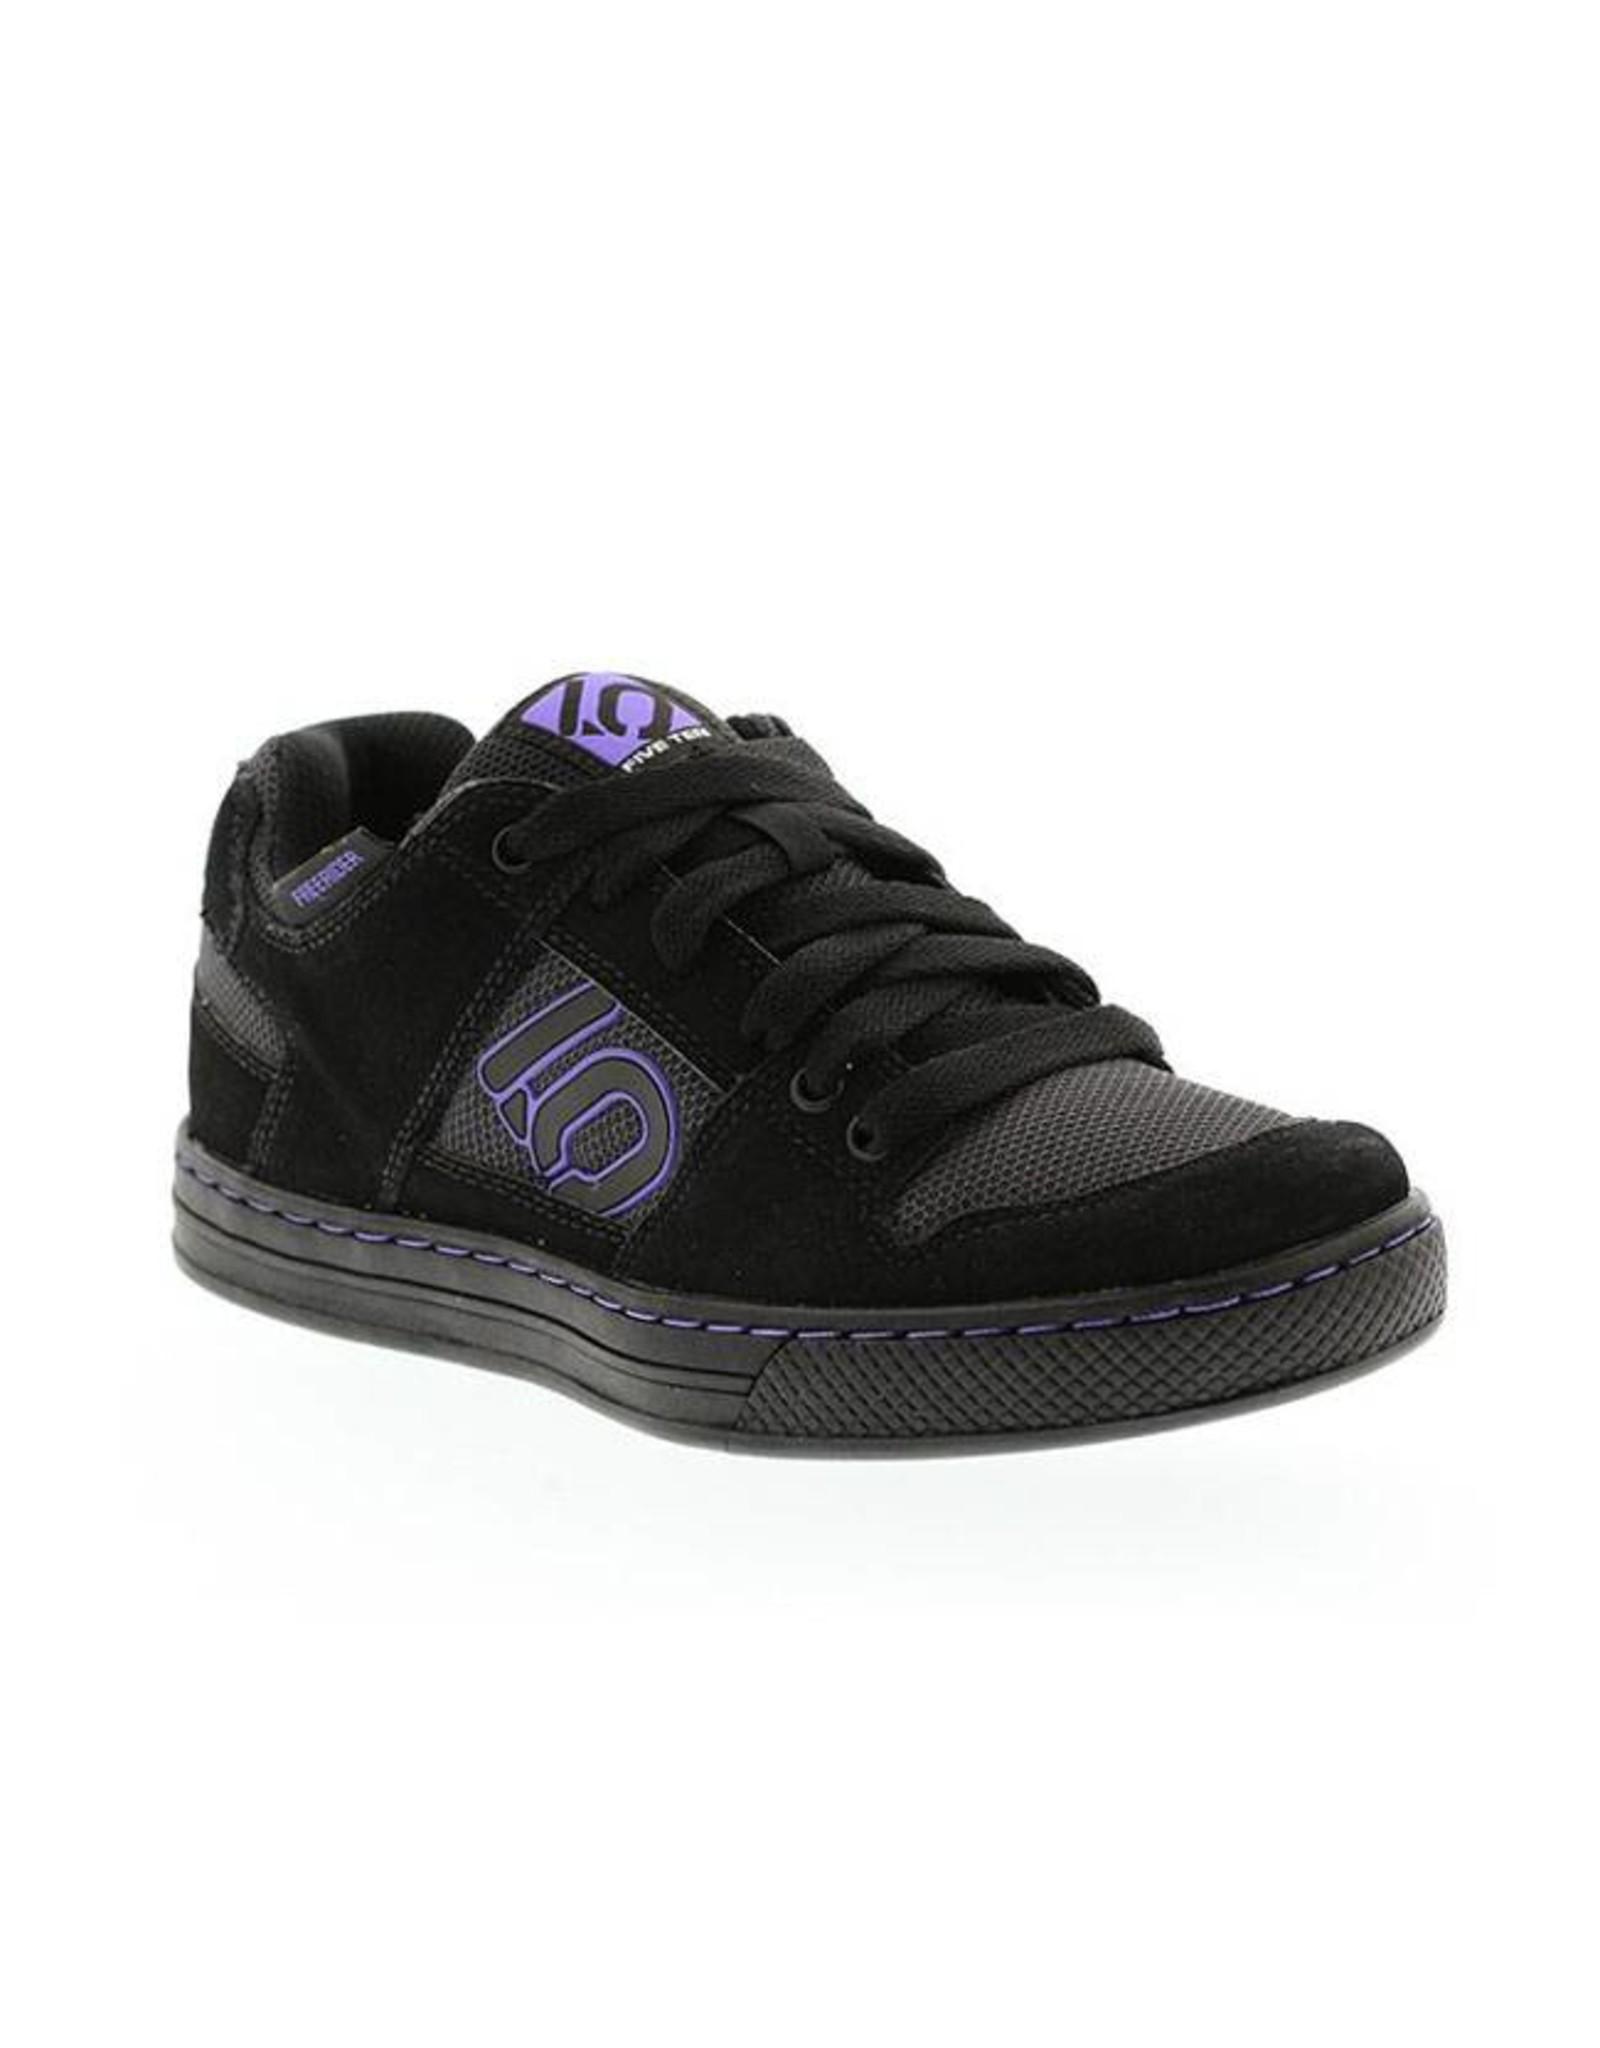 Five Ten Five Ten Freerider Women's Flat Pedal Shoe: Black/Purple 9.5